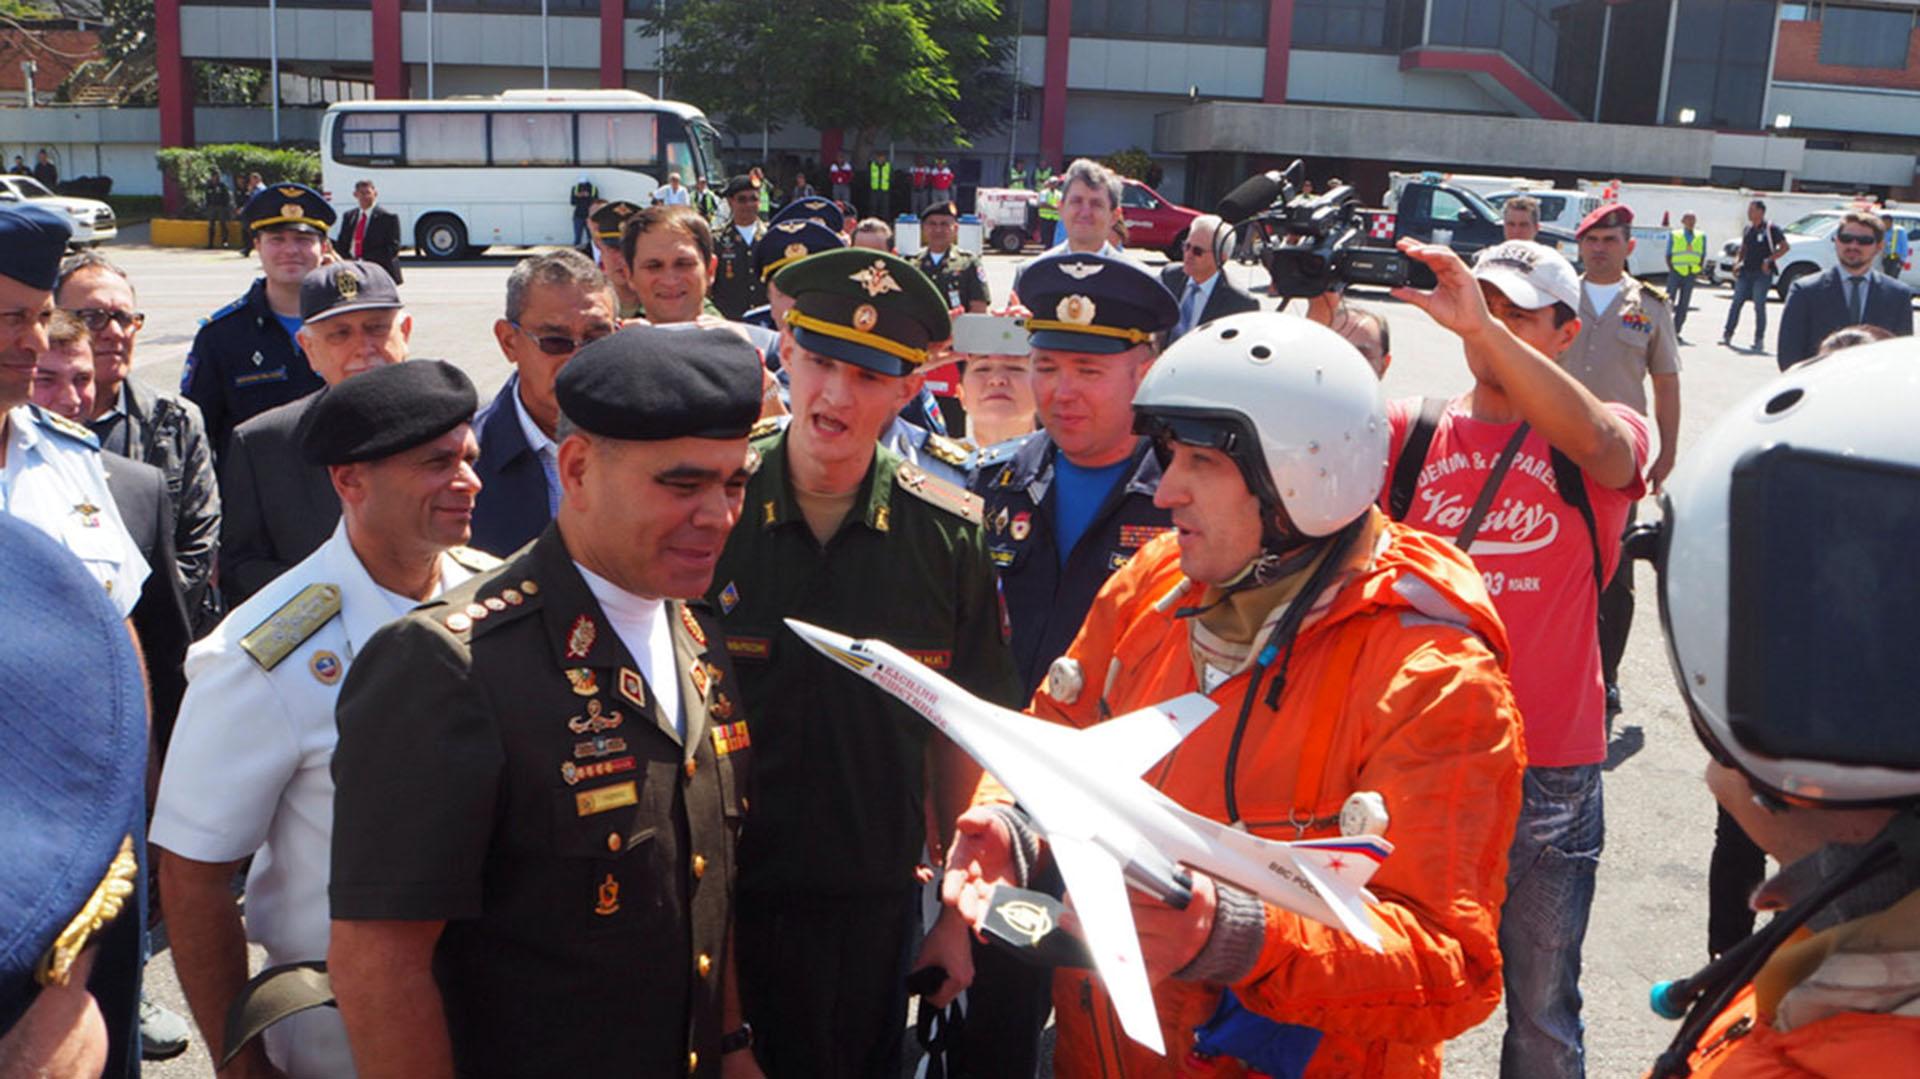 Los pilotos rusos tras la llegada al aeropuerto venezolano el 10 de diciembre pasado. Le obsequiaron una miniatura de las naves al ministro de Defensa chavista